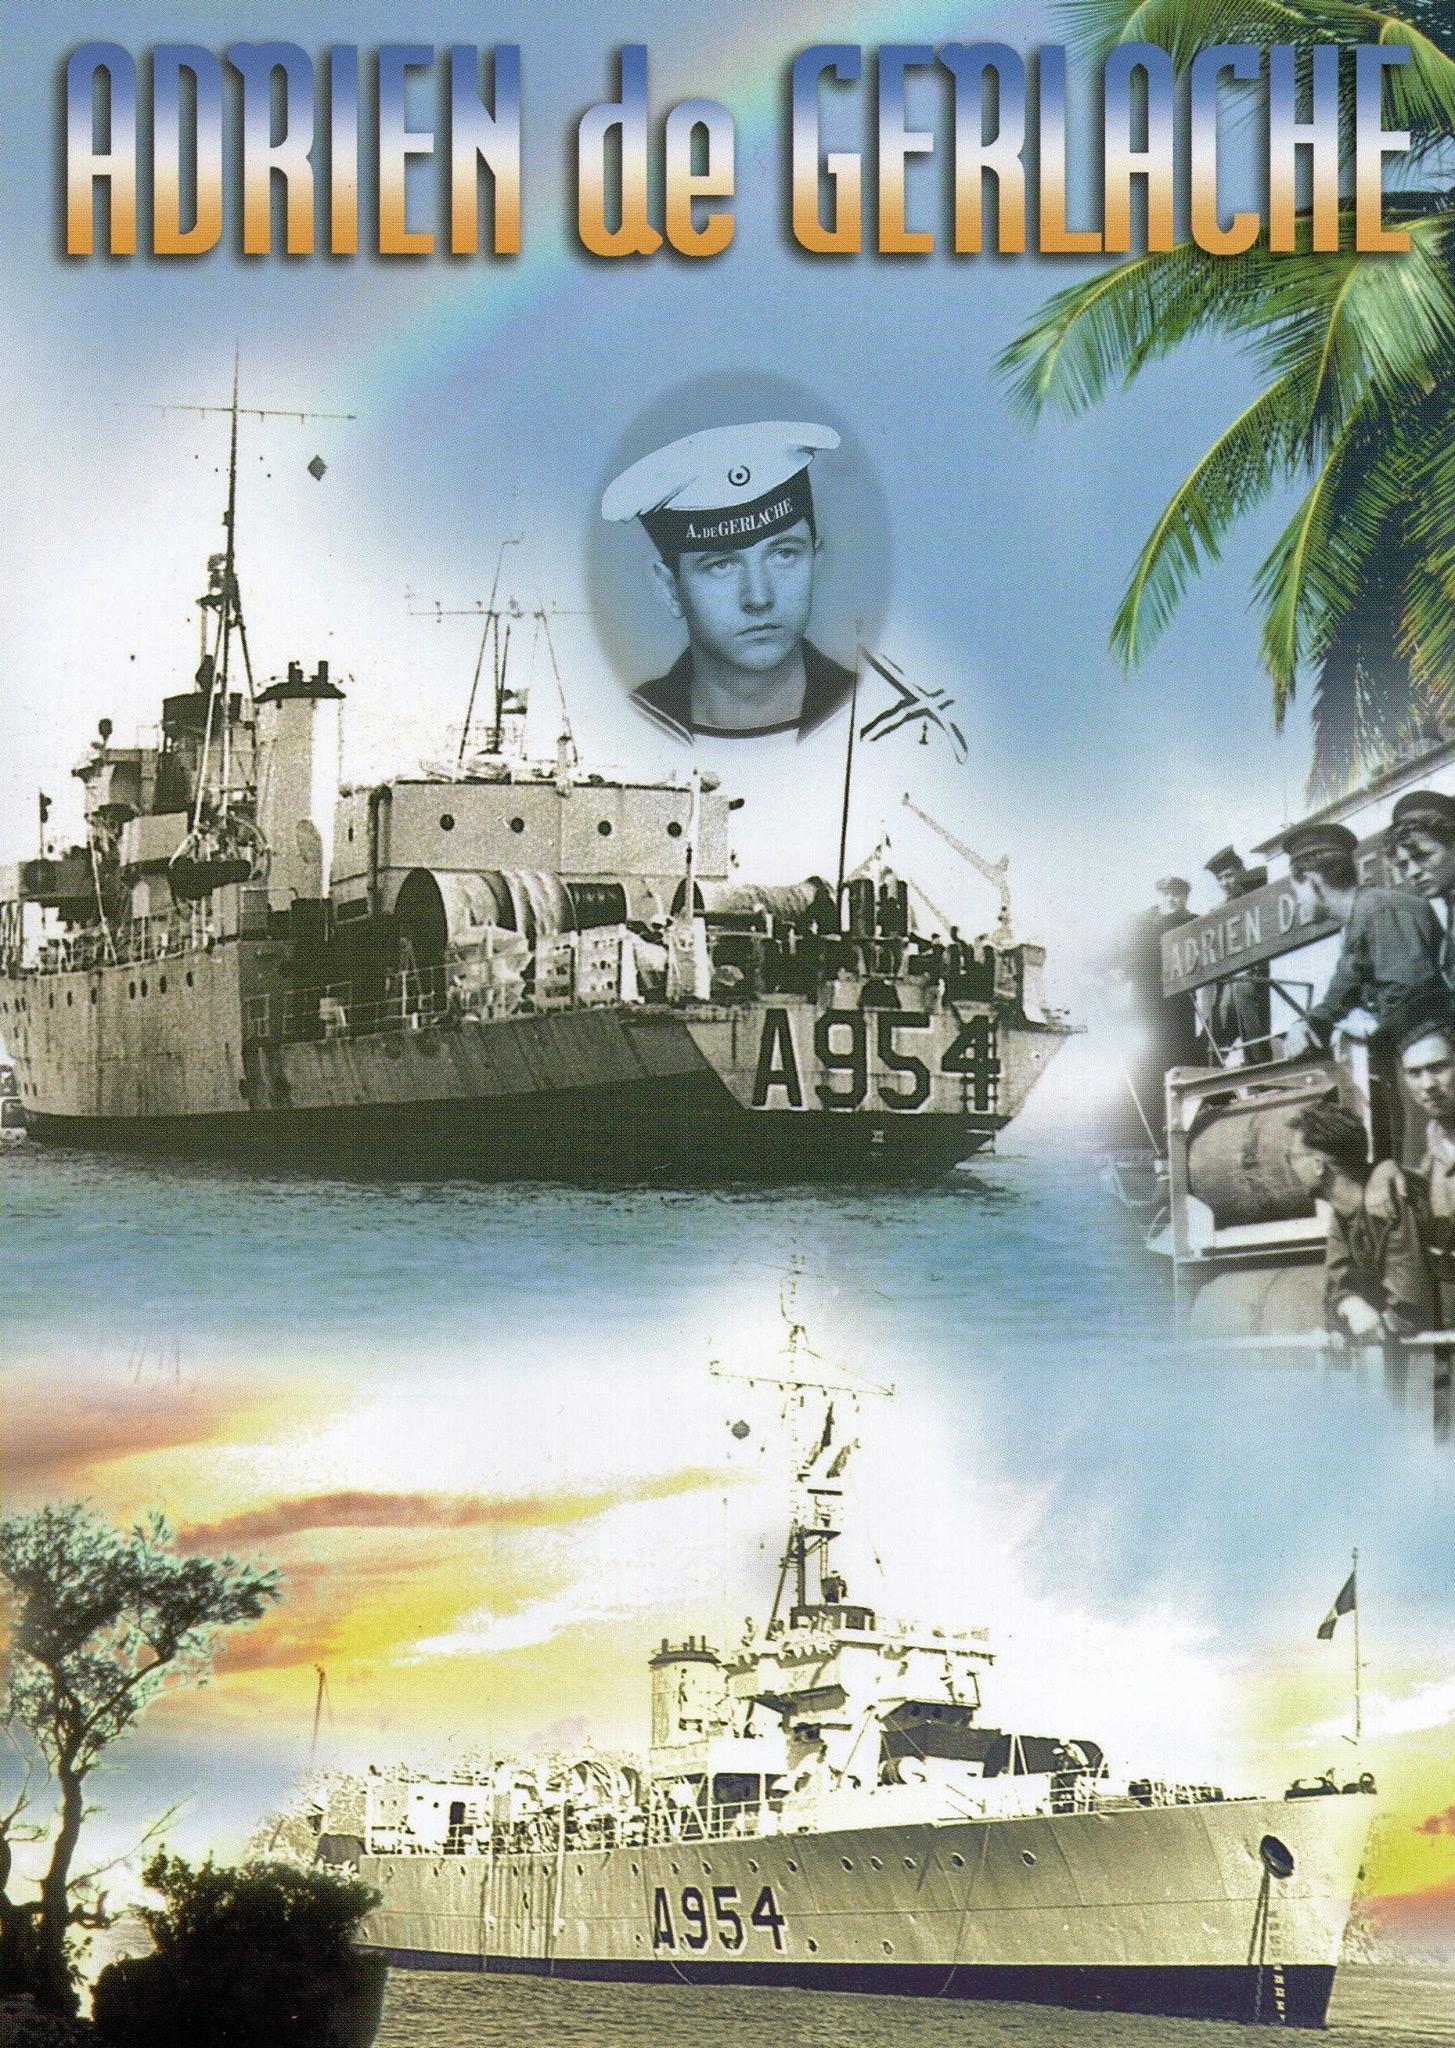 M900 / A954 Adrien De Gerlache (ex HMS Liberty) - Page 9 1401130811448733011894813